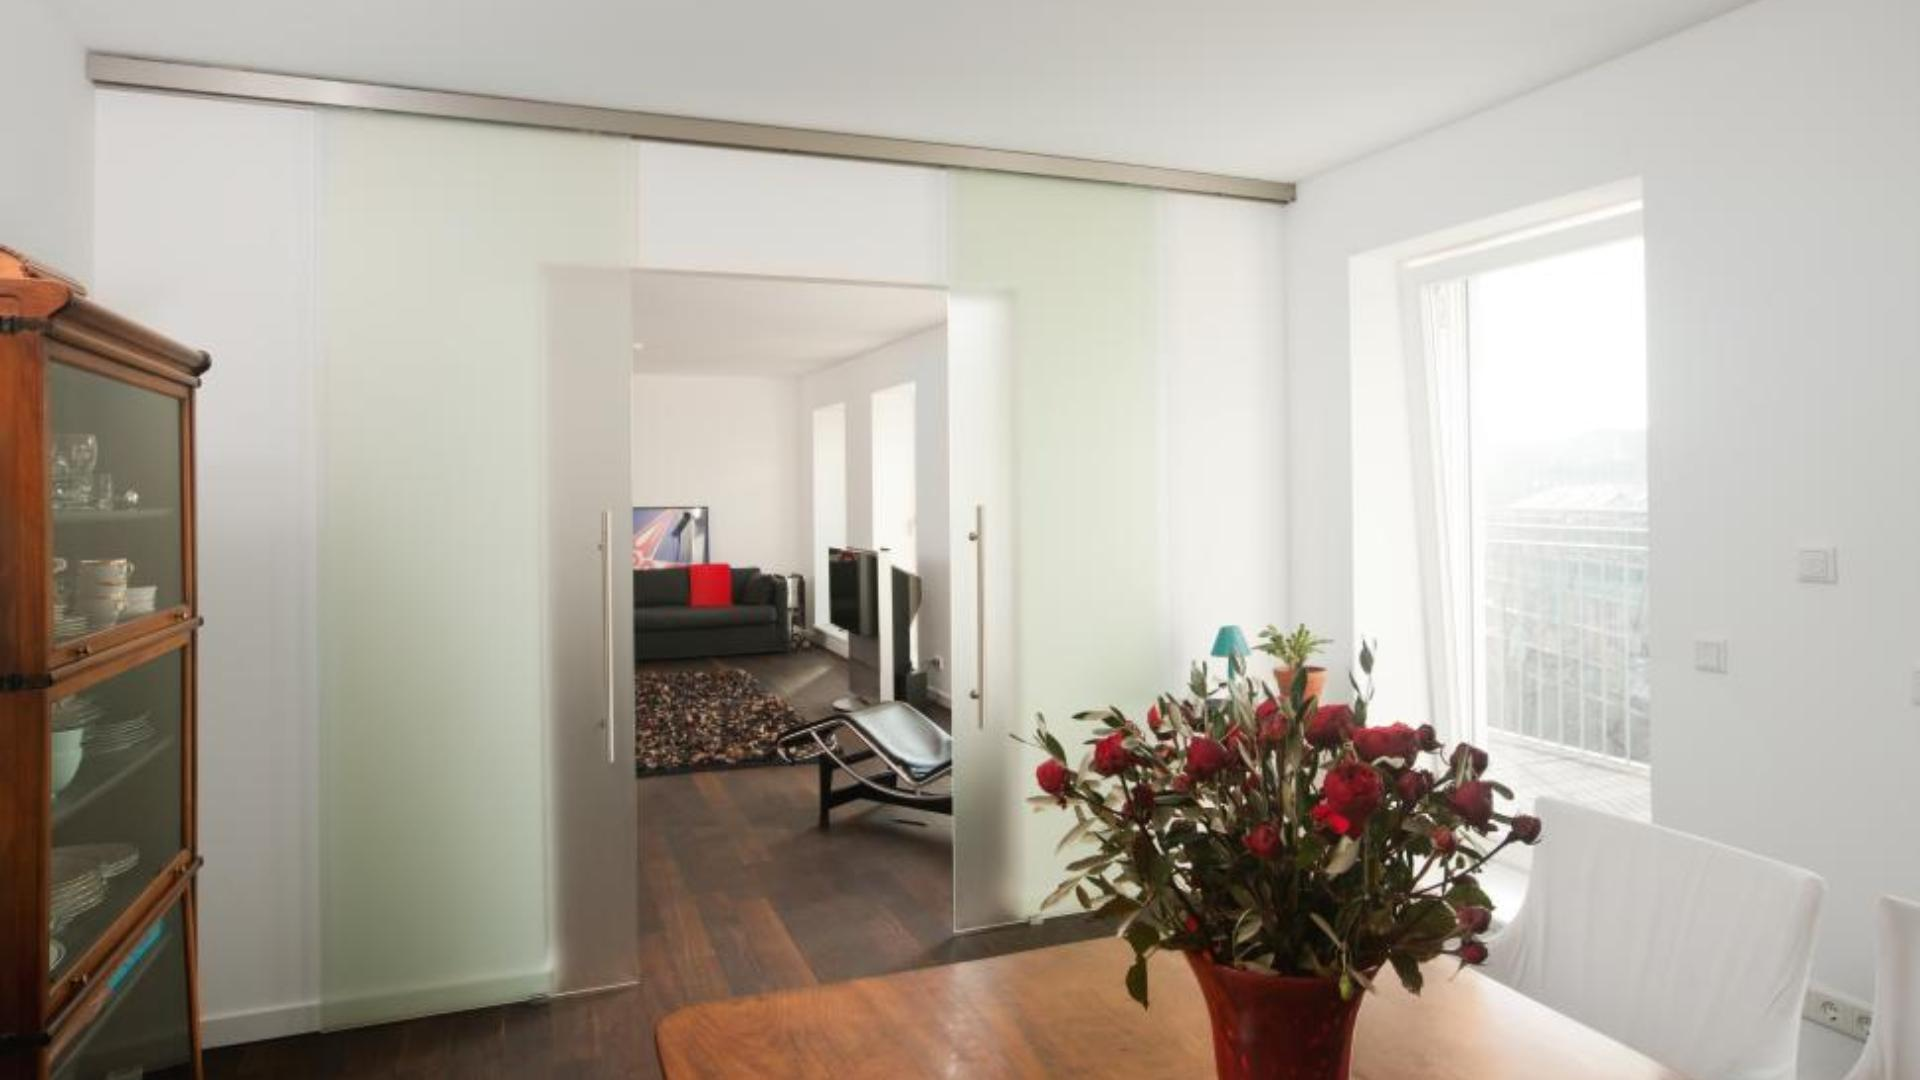 Schiebetür aus Glas zwischen Wohn- und Esszimmer